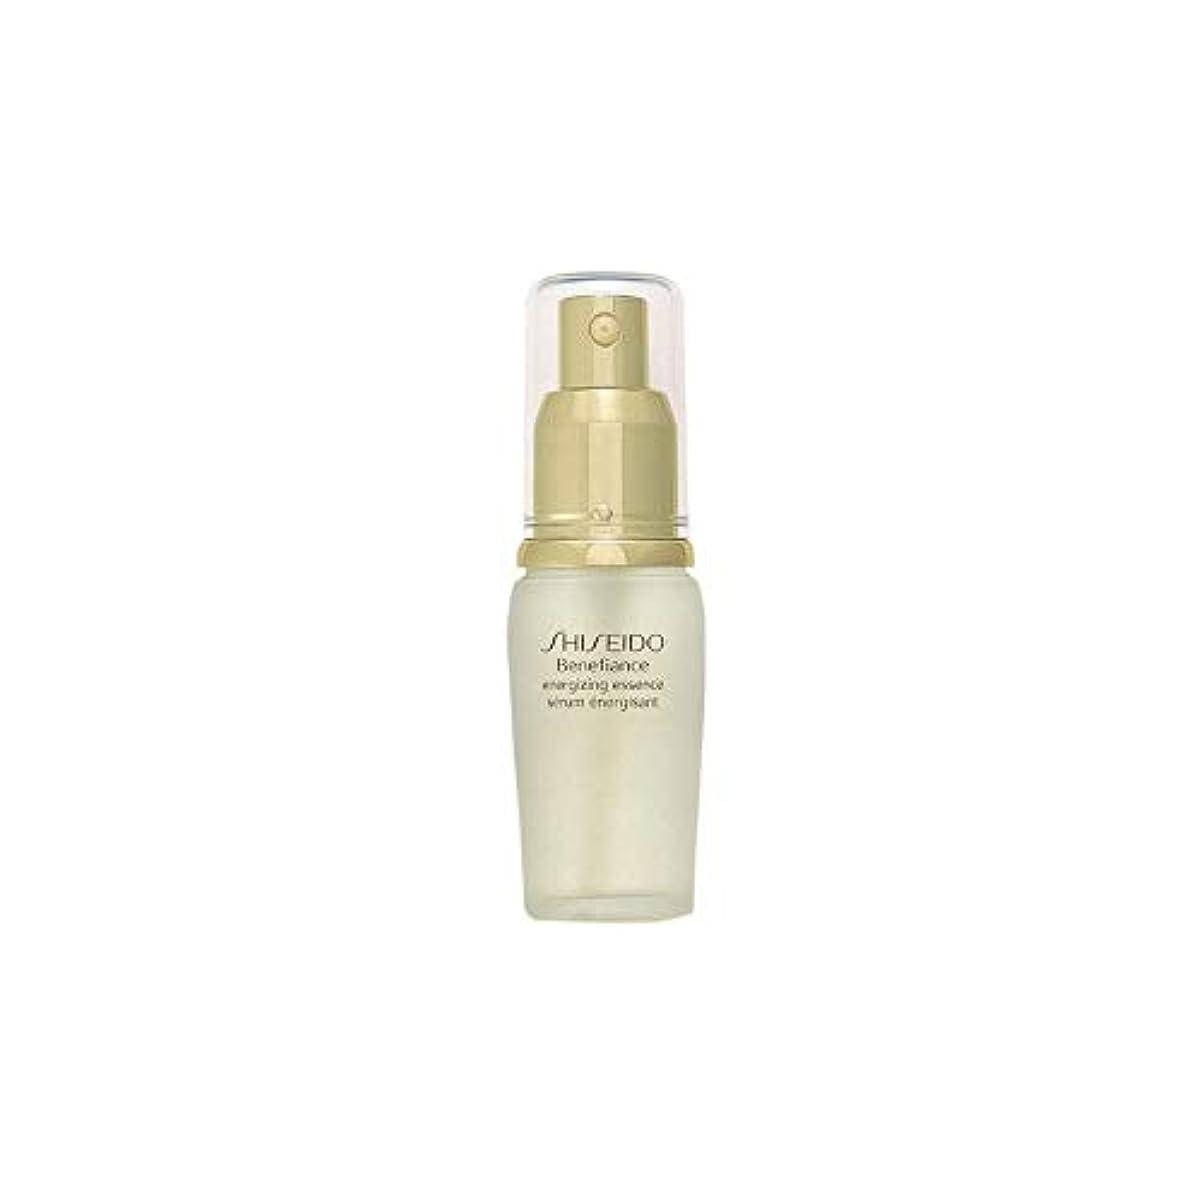 少年どこアラブサラボ[Shiseido] 資生堂ベネフィアンス通電エッセンス(30ミリリットル) - Shiseido Benefiance Energising Essence (30ml) [並行輸入品]